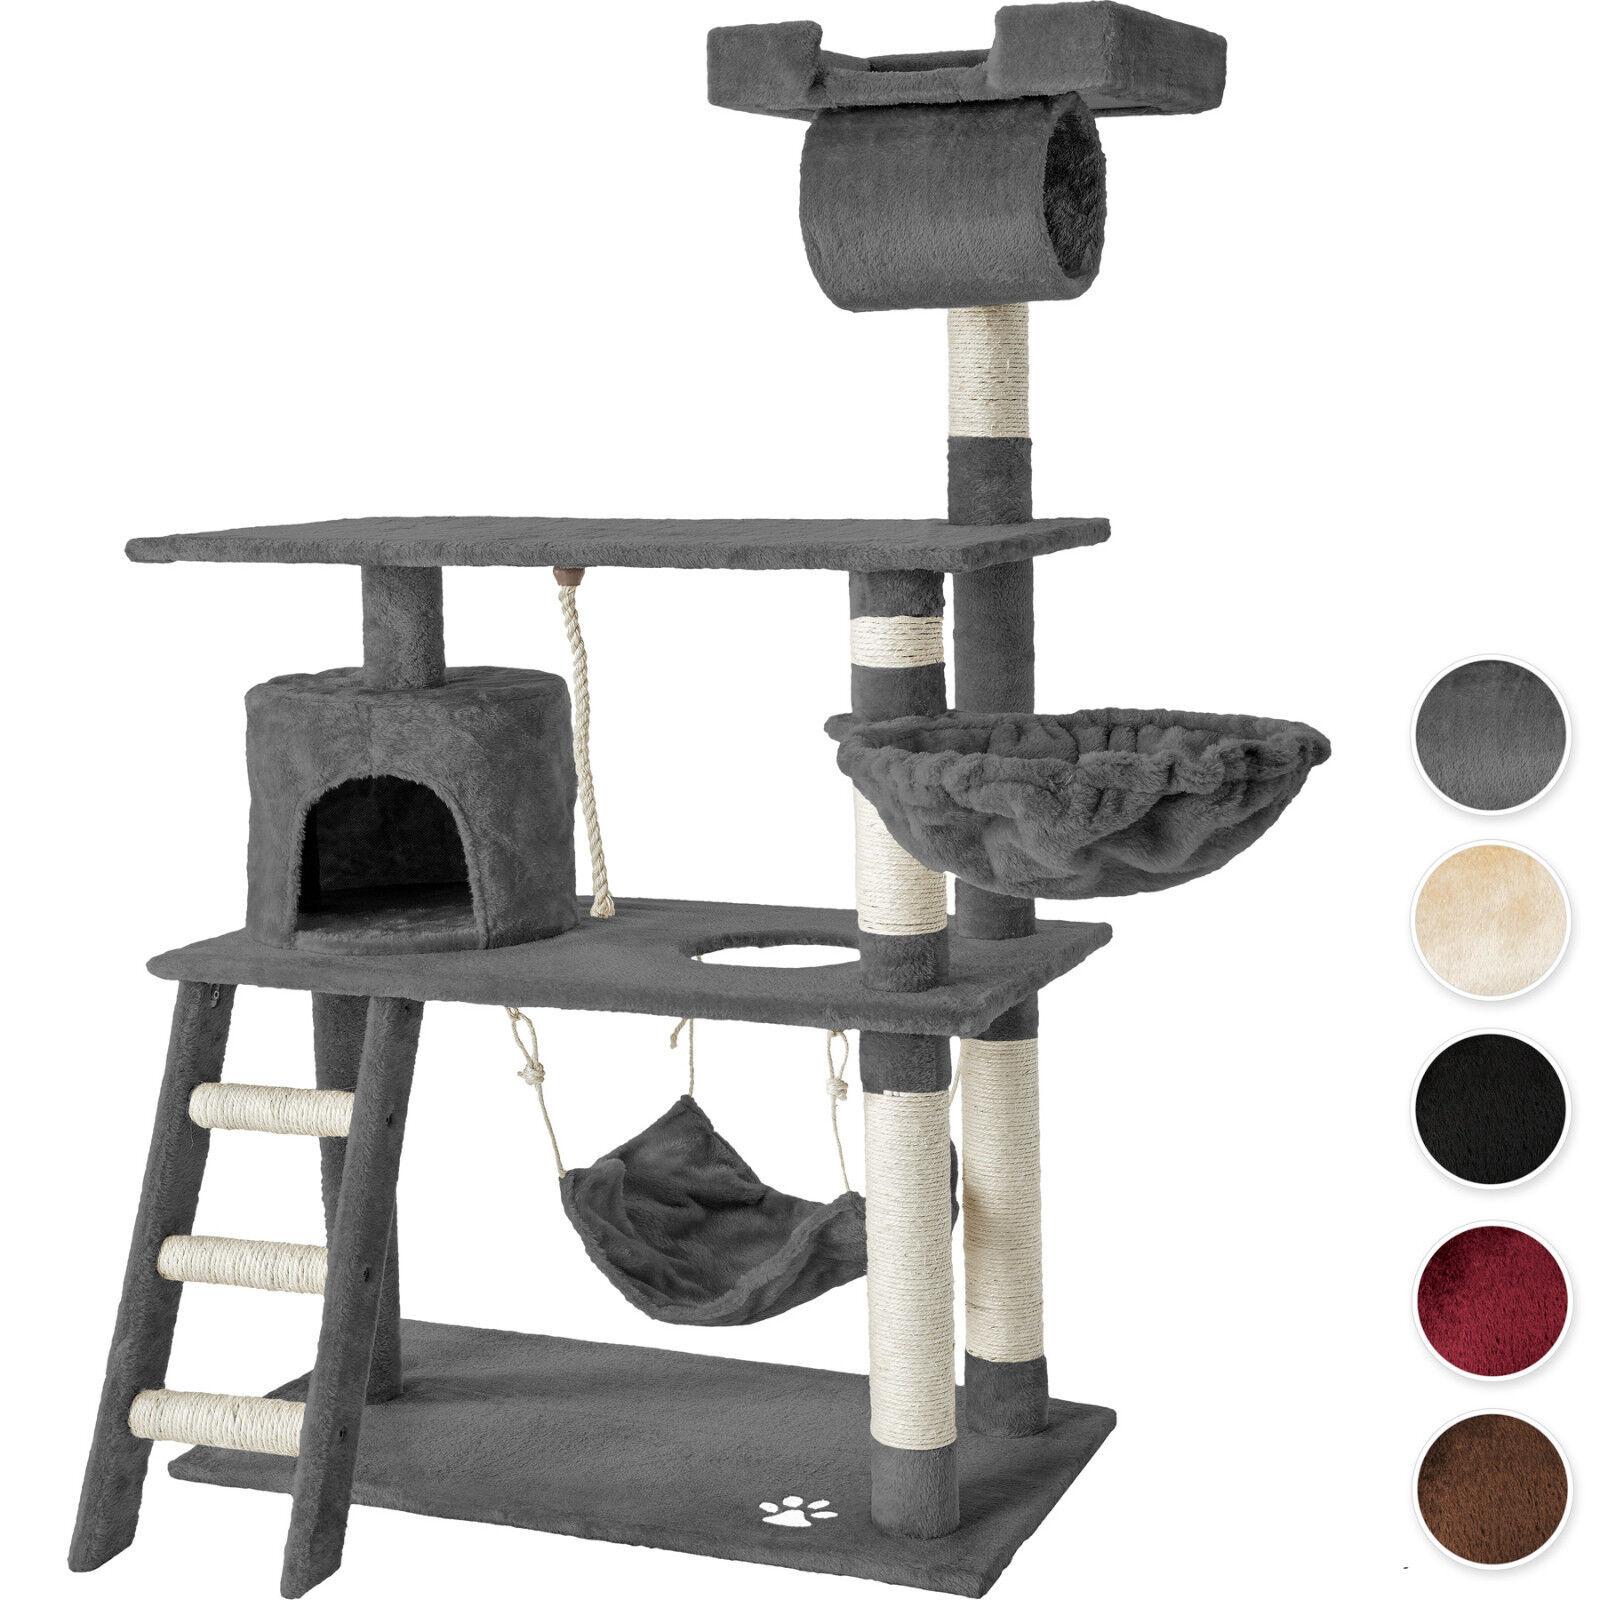 Tiragraffi per gatti 141 cm sisal albero gatto gioco palestra con amaca